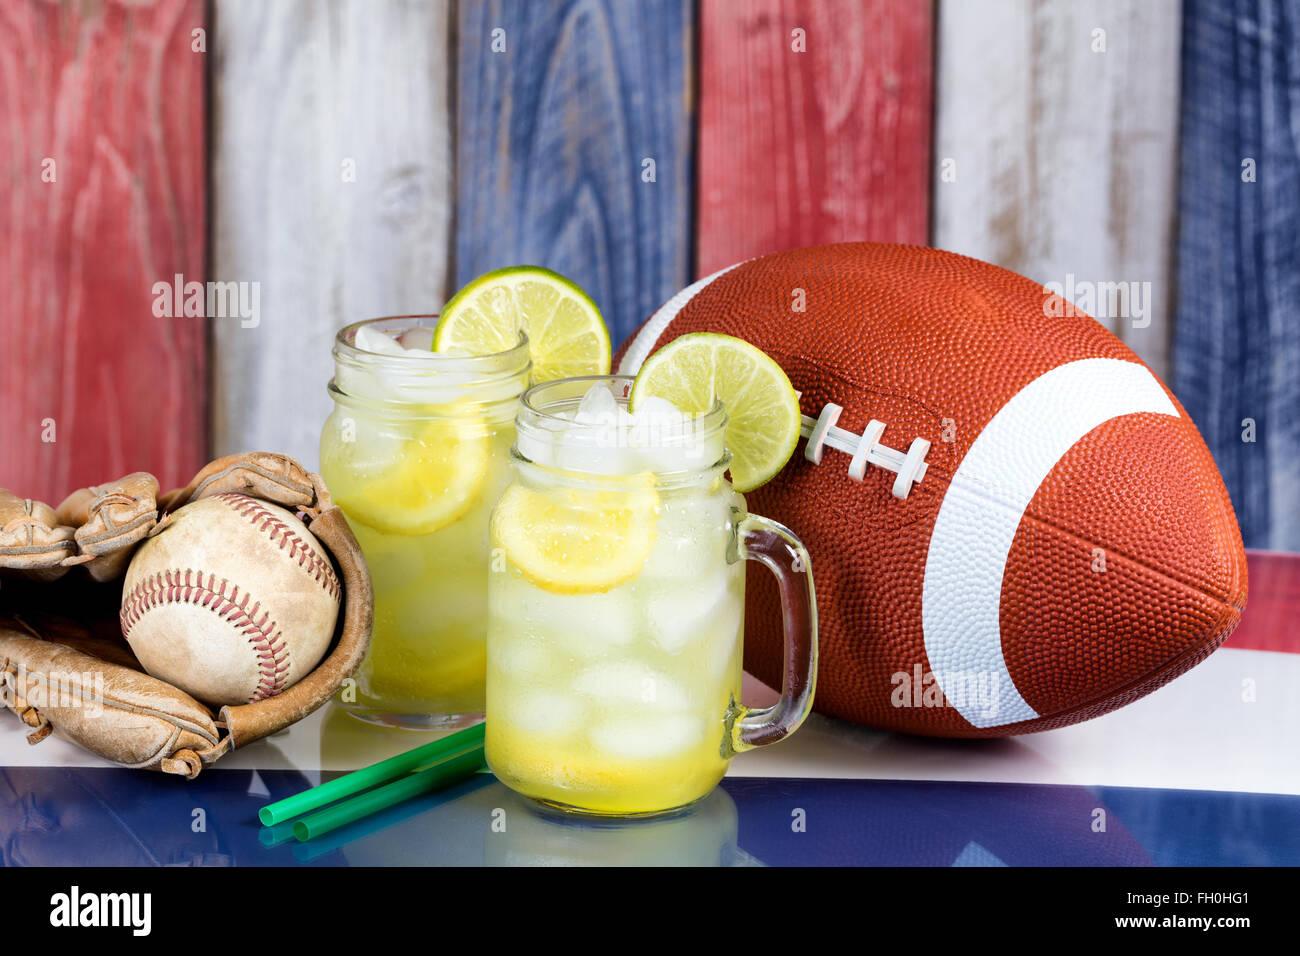 Glas Gläser gefüllt mit kalte Limonade mit sportlichen Elementen.  Holztafeln gemalt, rot, weiß und Stockbild